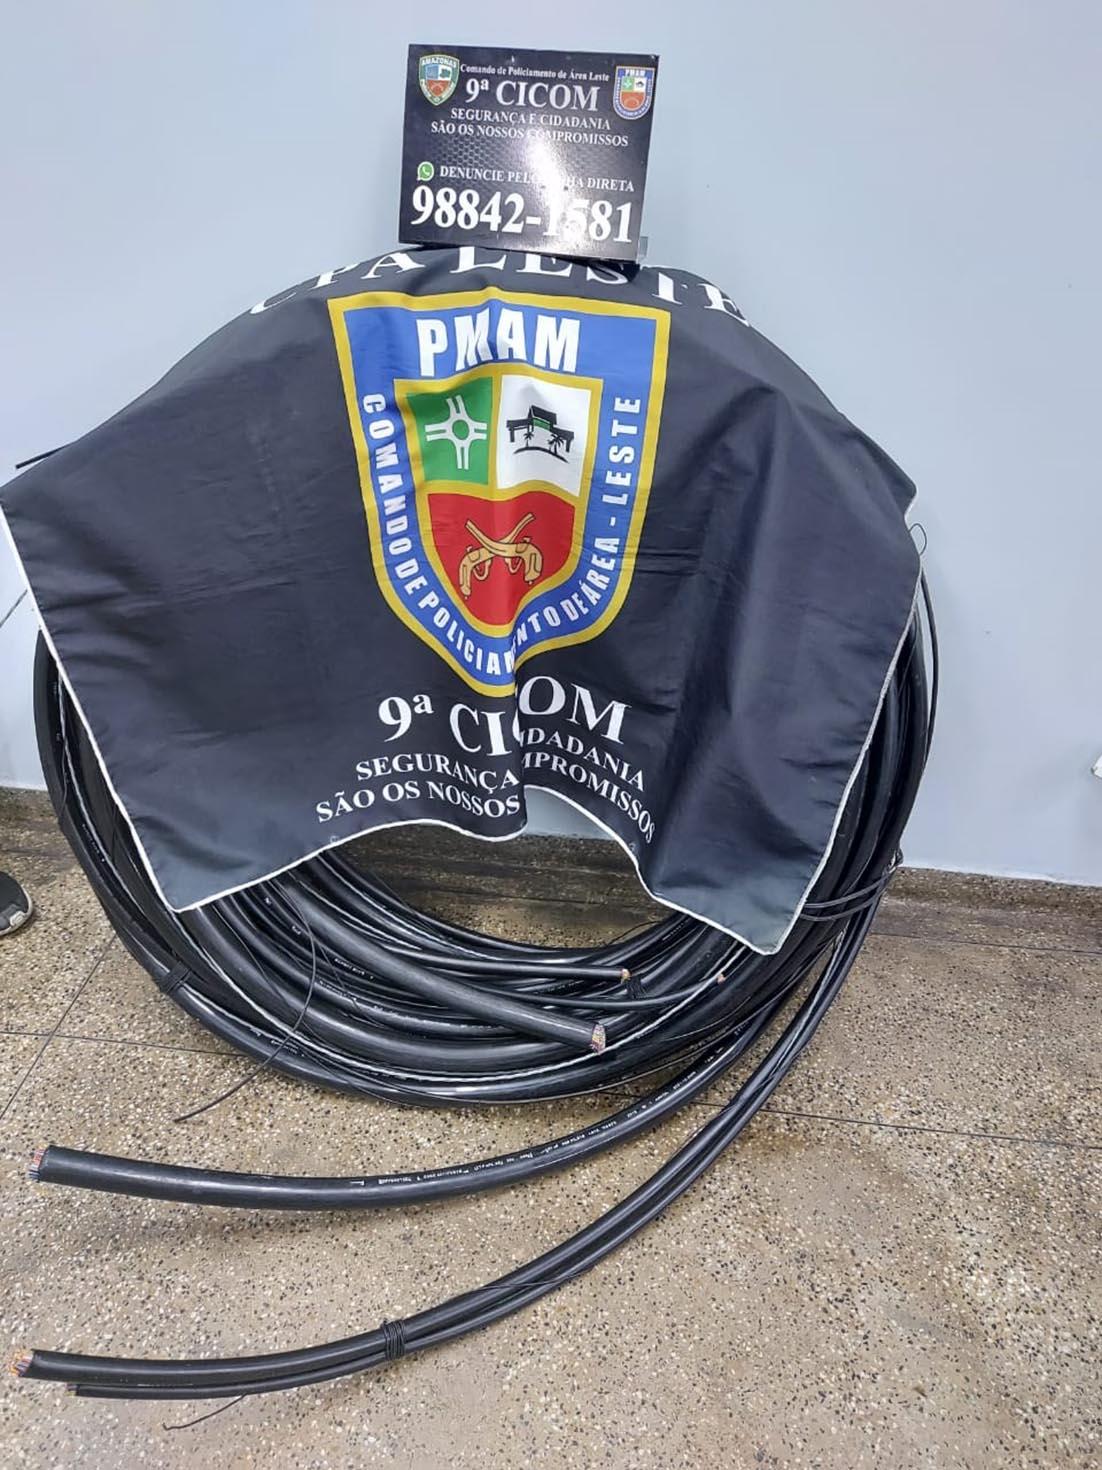 Policiais militares da 9ª Cicom detêm homem roubando cabos de internet na zona leste